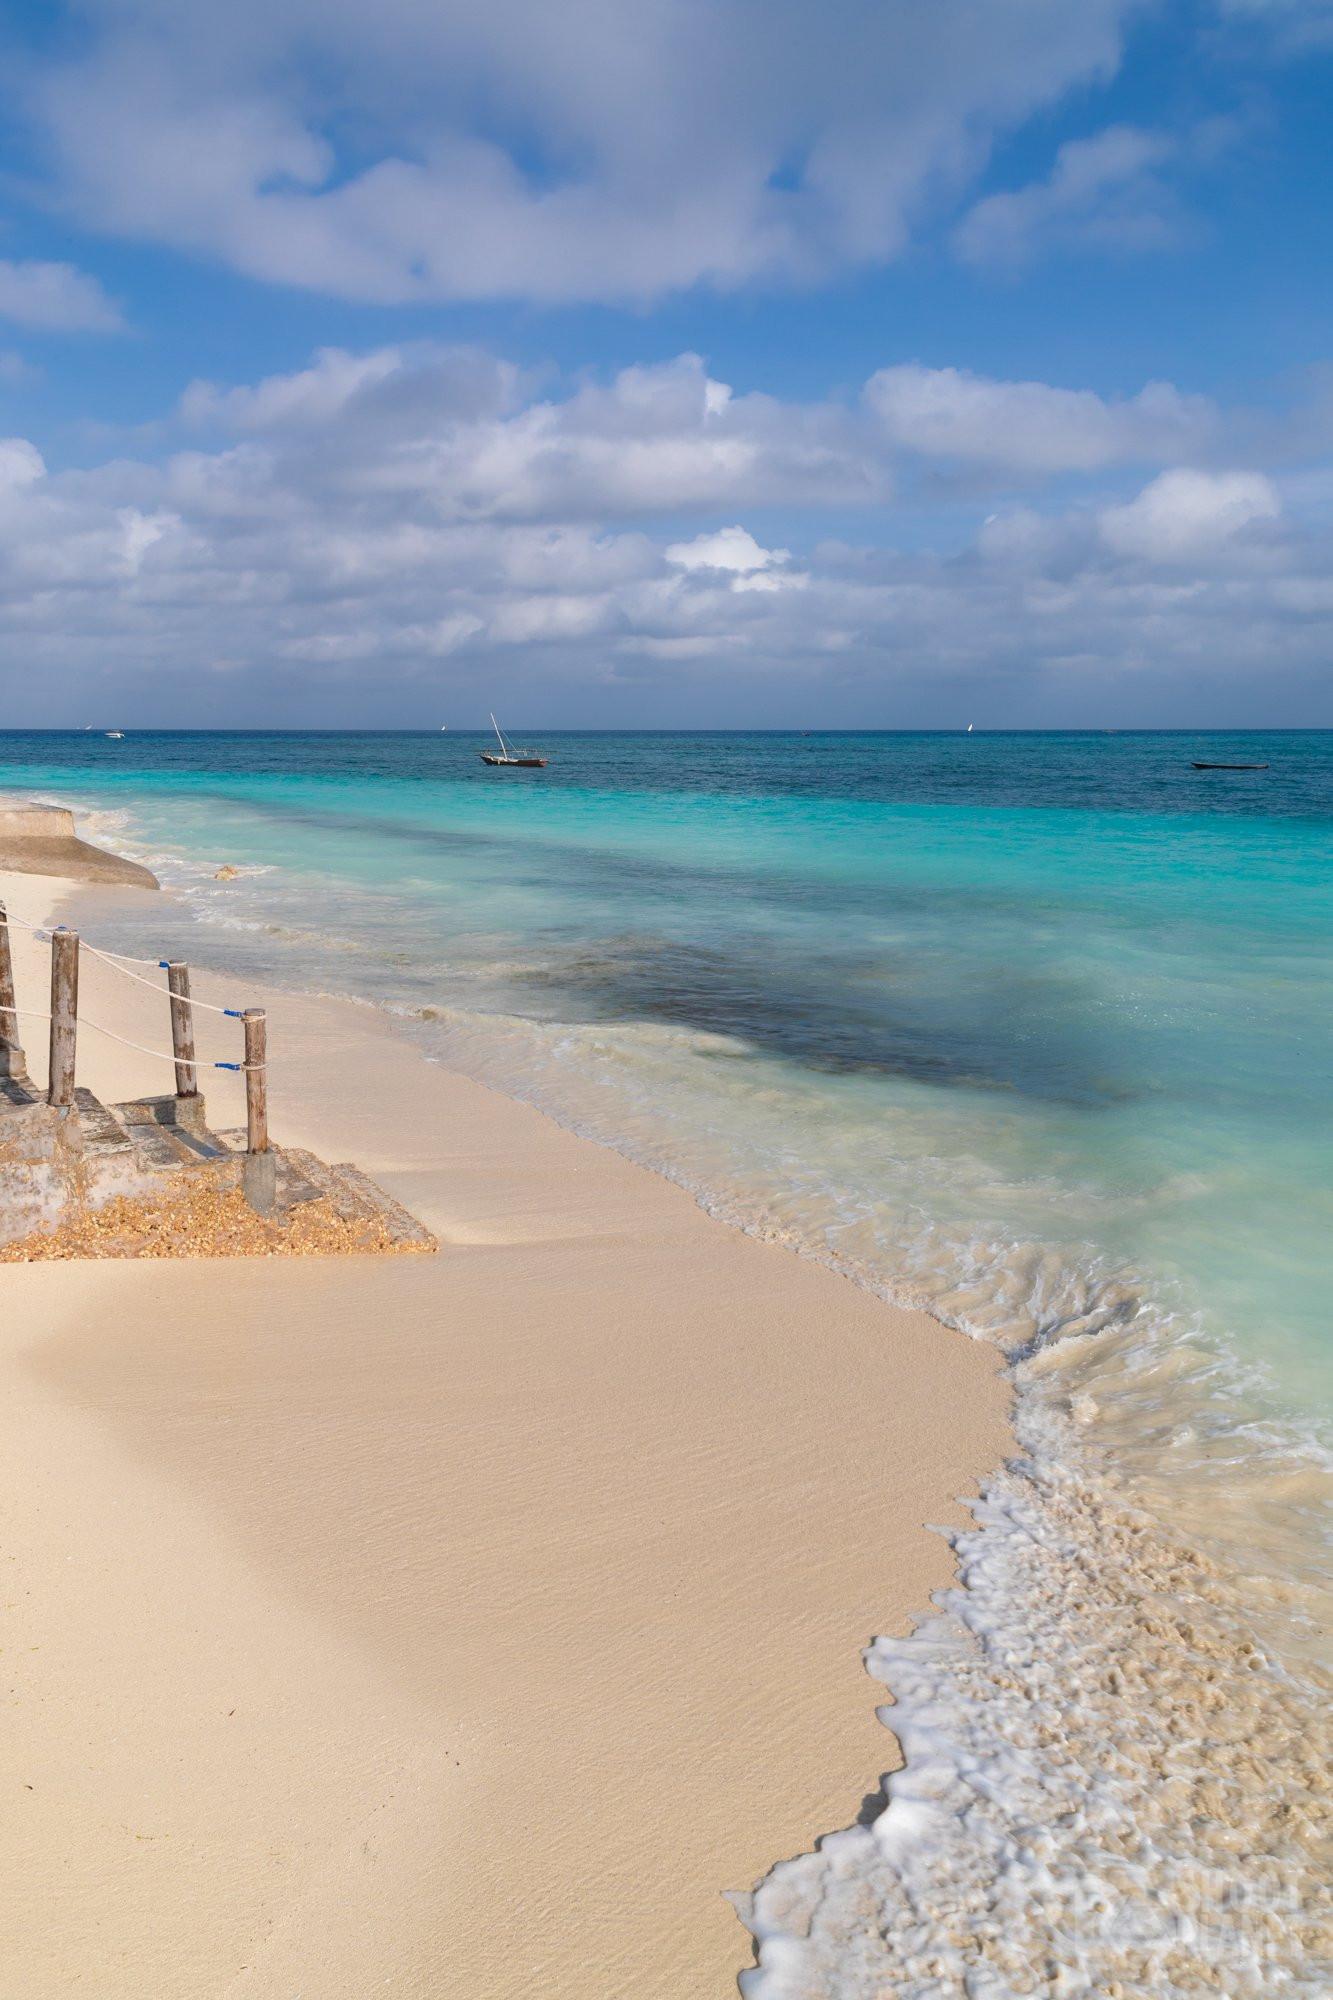 Nungwi pristine beach wave, Zanzibar Tanzania